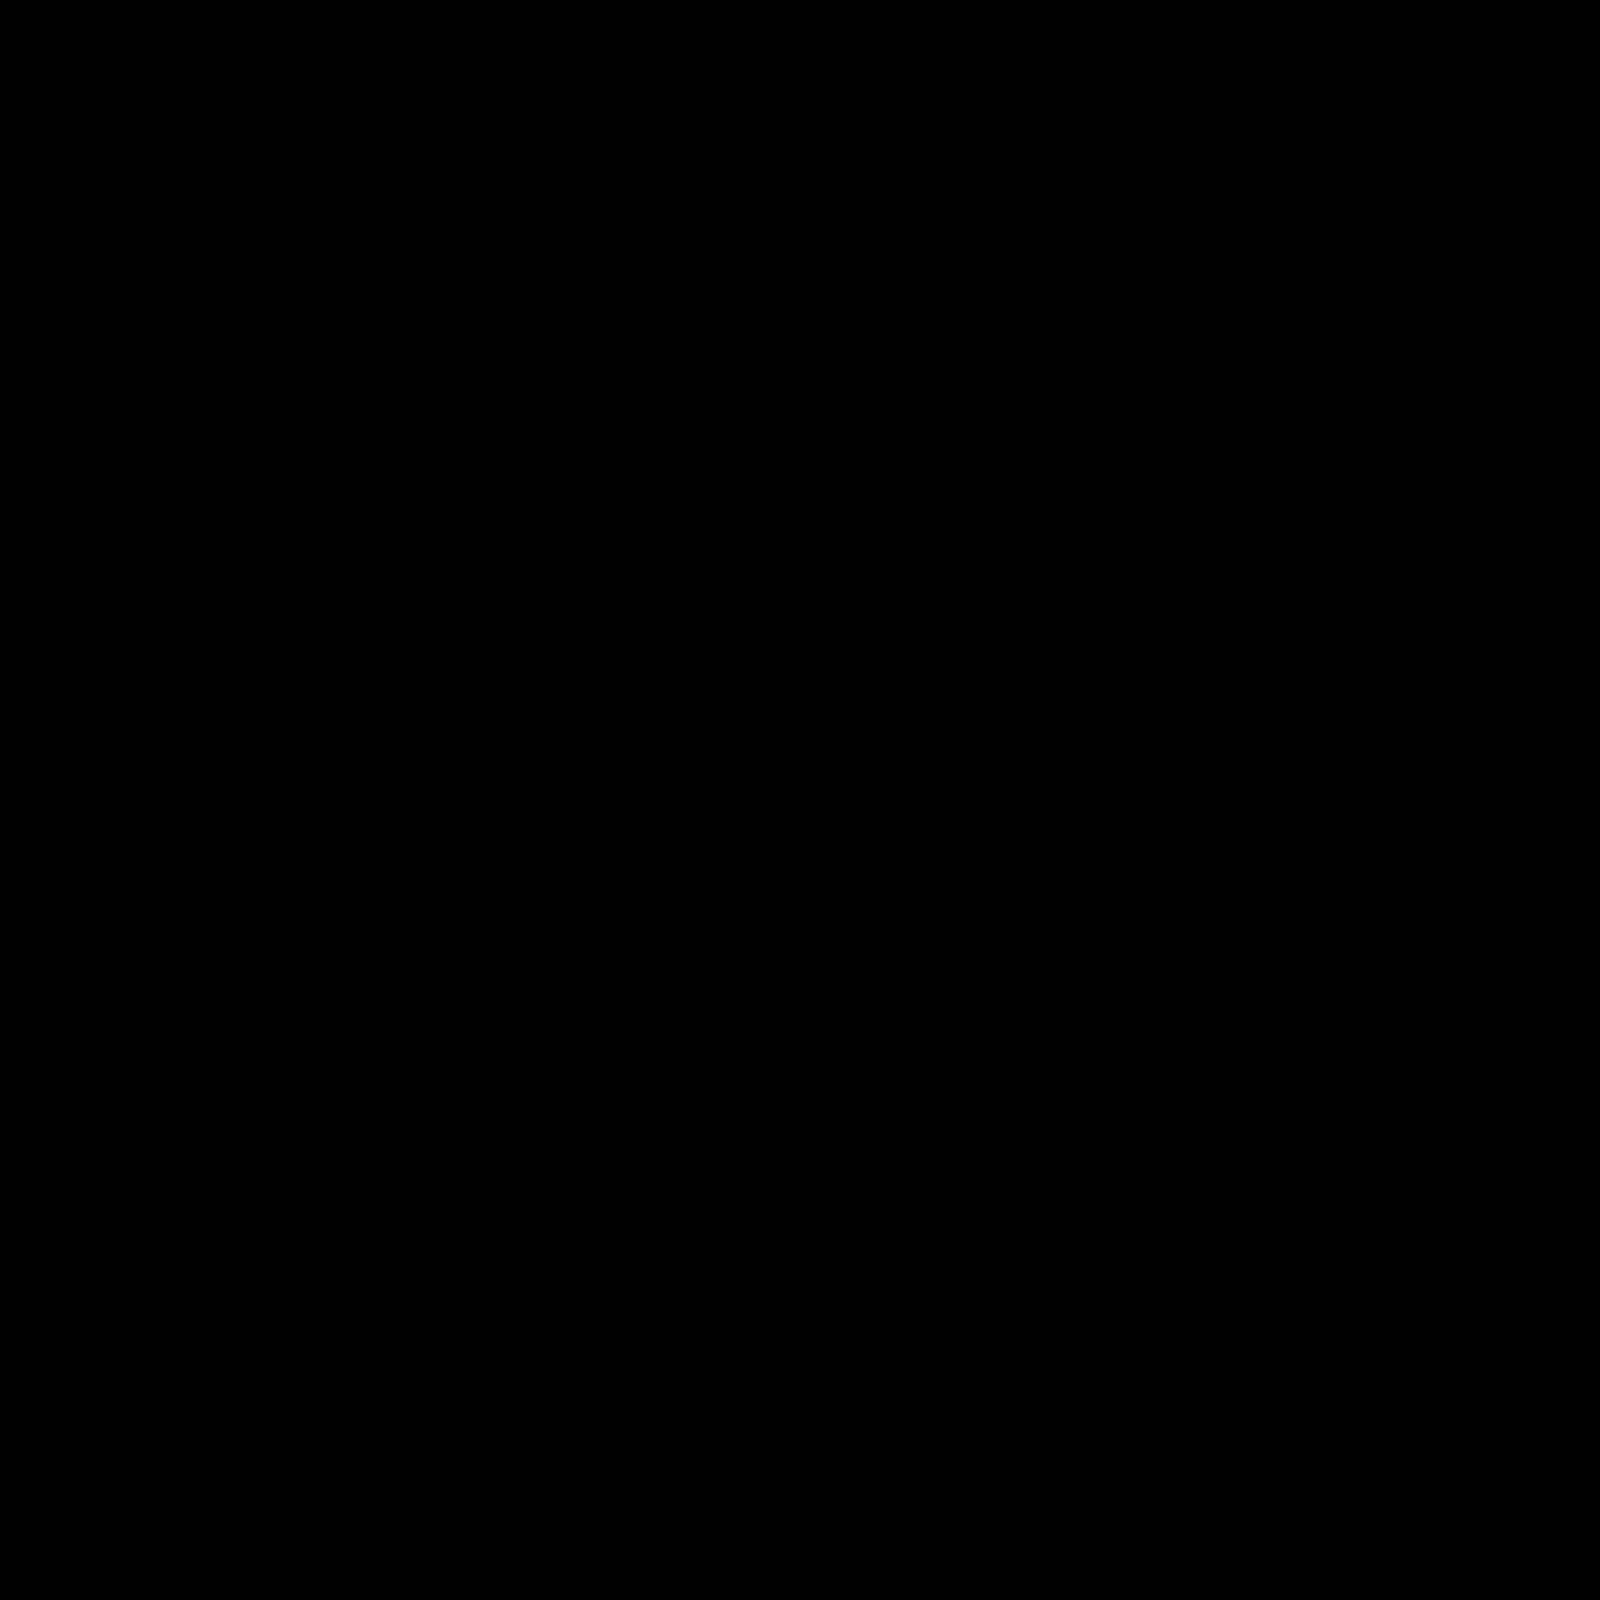 アクティビティフィード icon